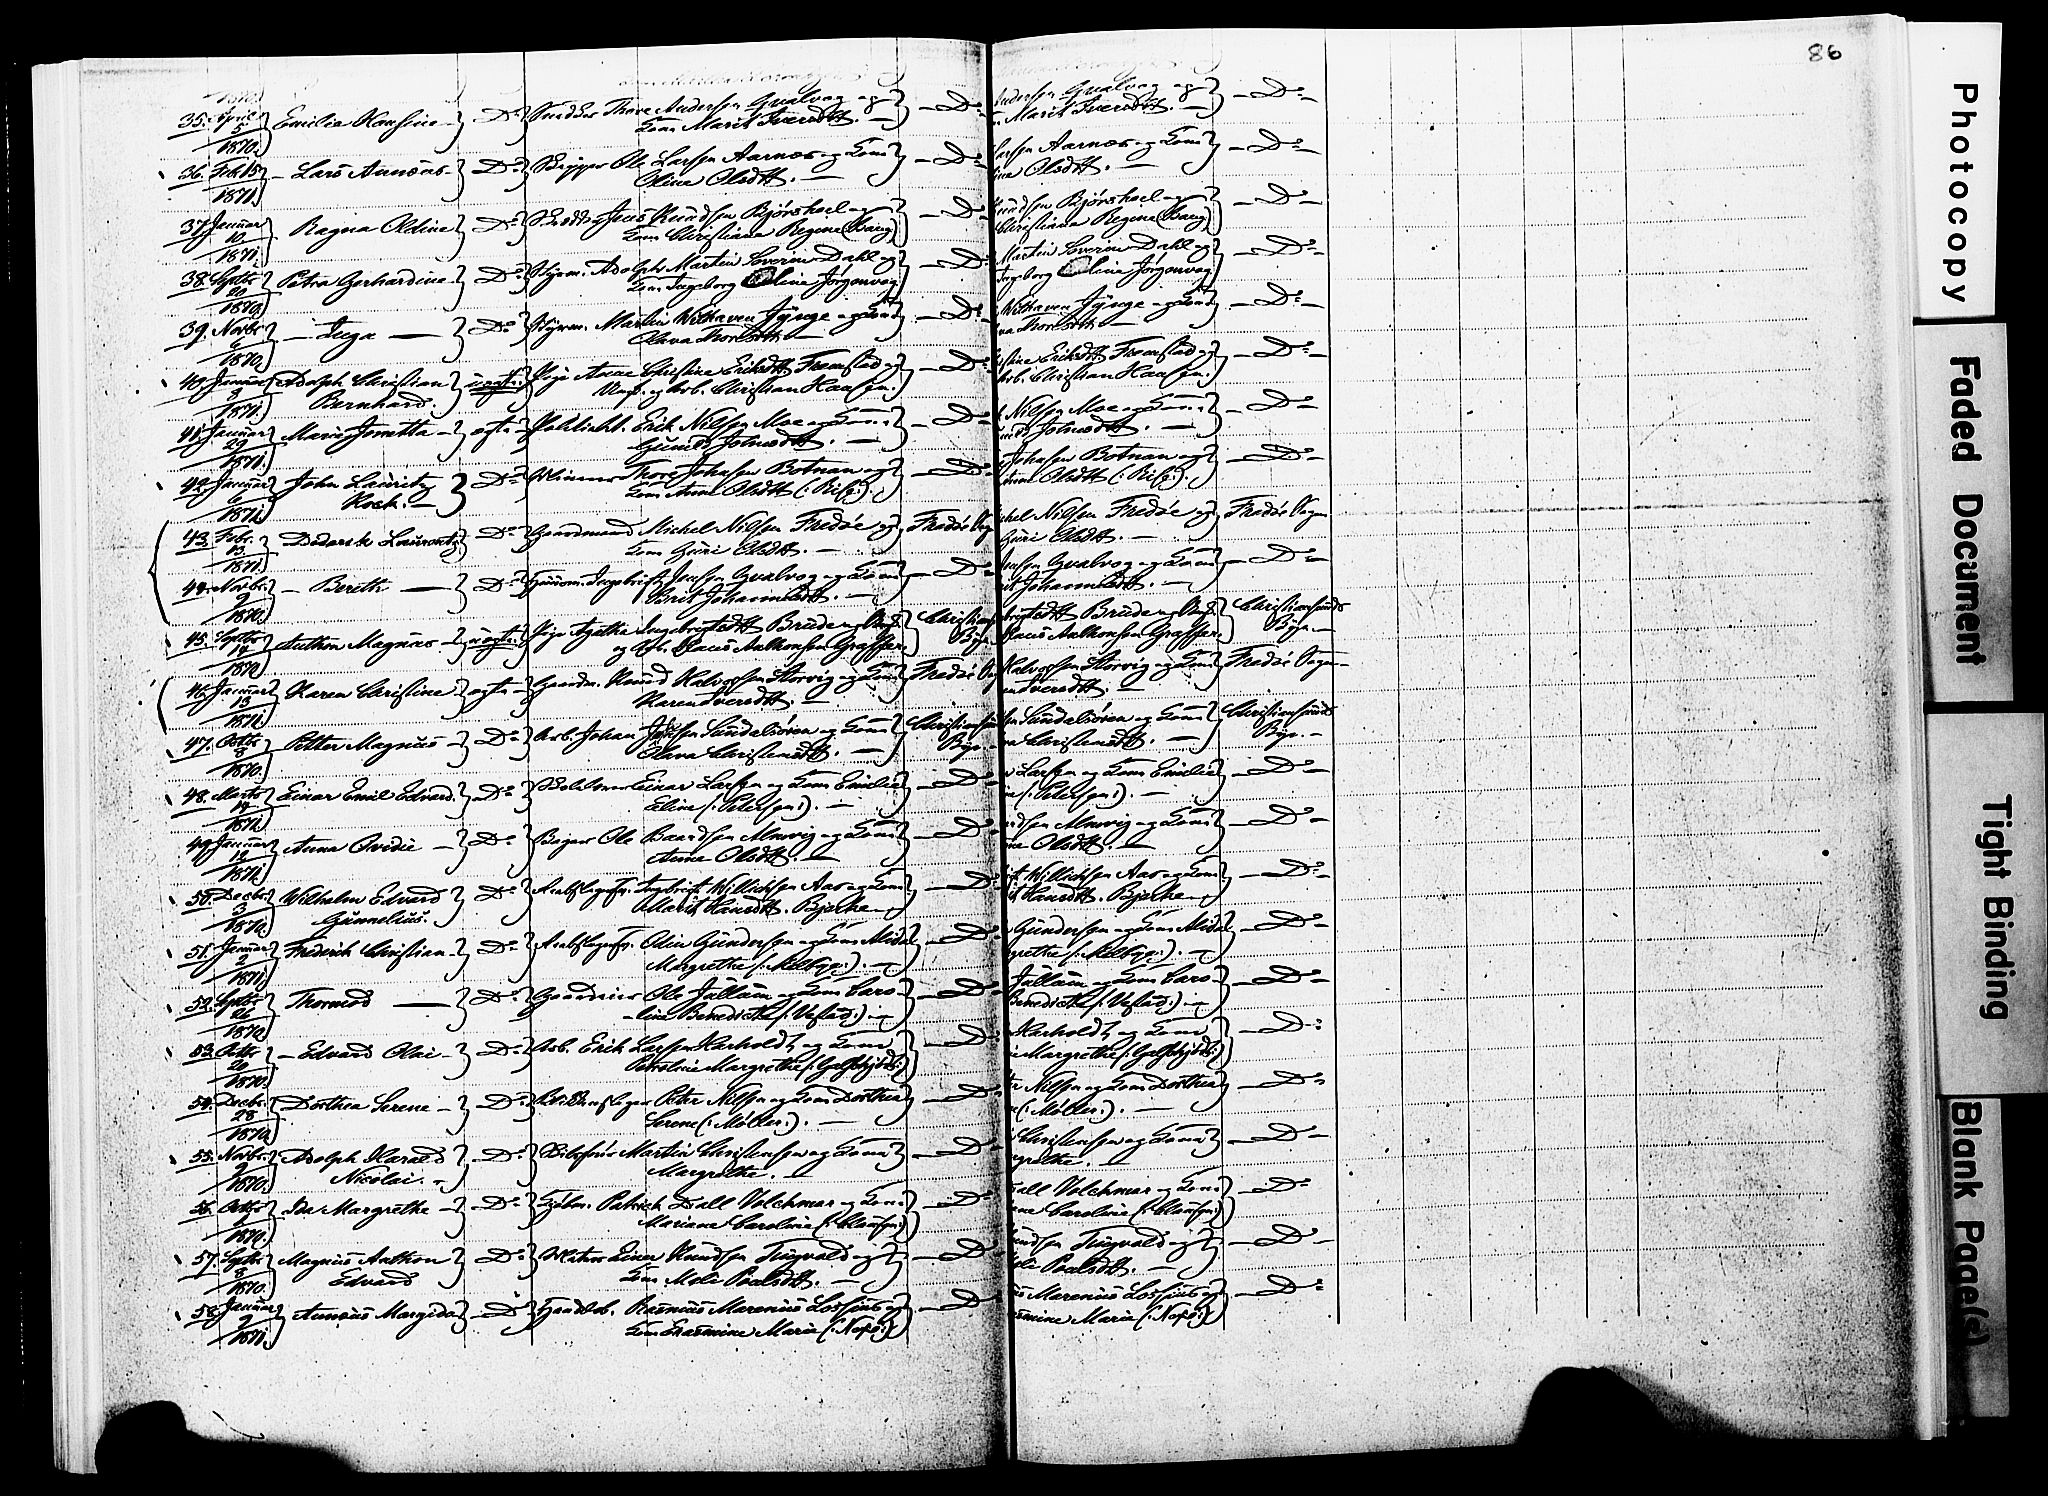 SAT, Ministerialprotokoller, klokkerbøker og fødselsregistre - Møre og Romsdal, 572/L0857: Parish register (official) no. 572D01, 1866-1872, p. 85-86